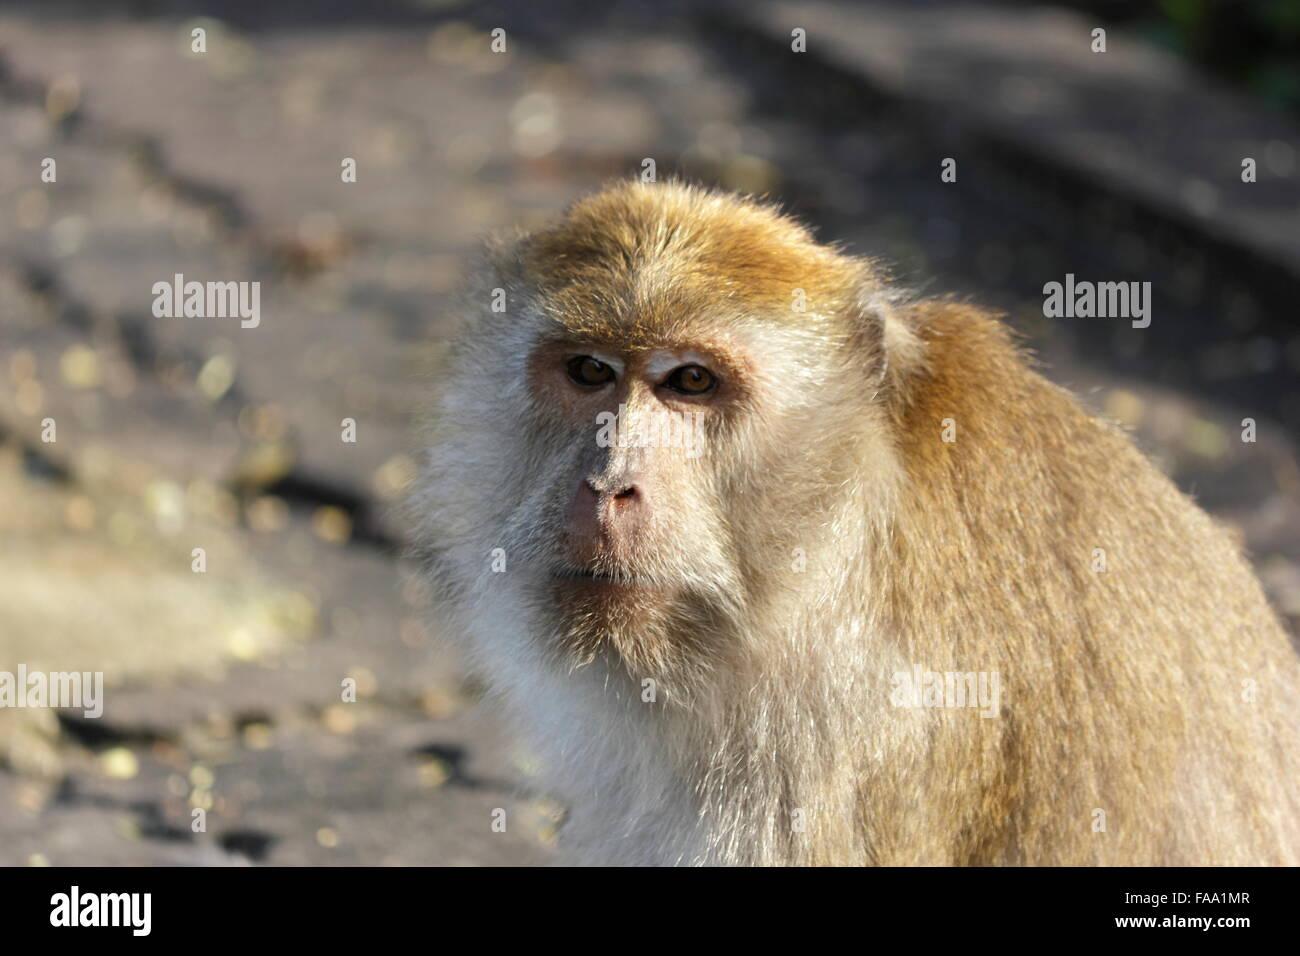 El libro mono mirar con recelo y esperar la comida. Imagen De Stock